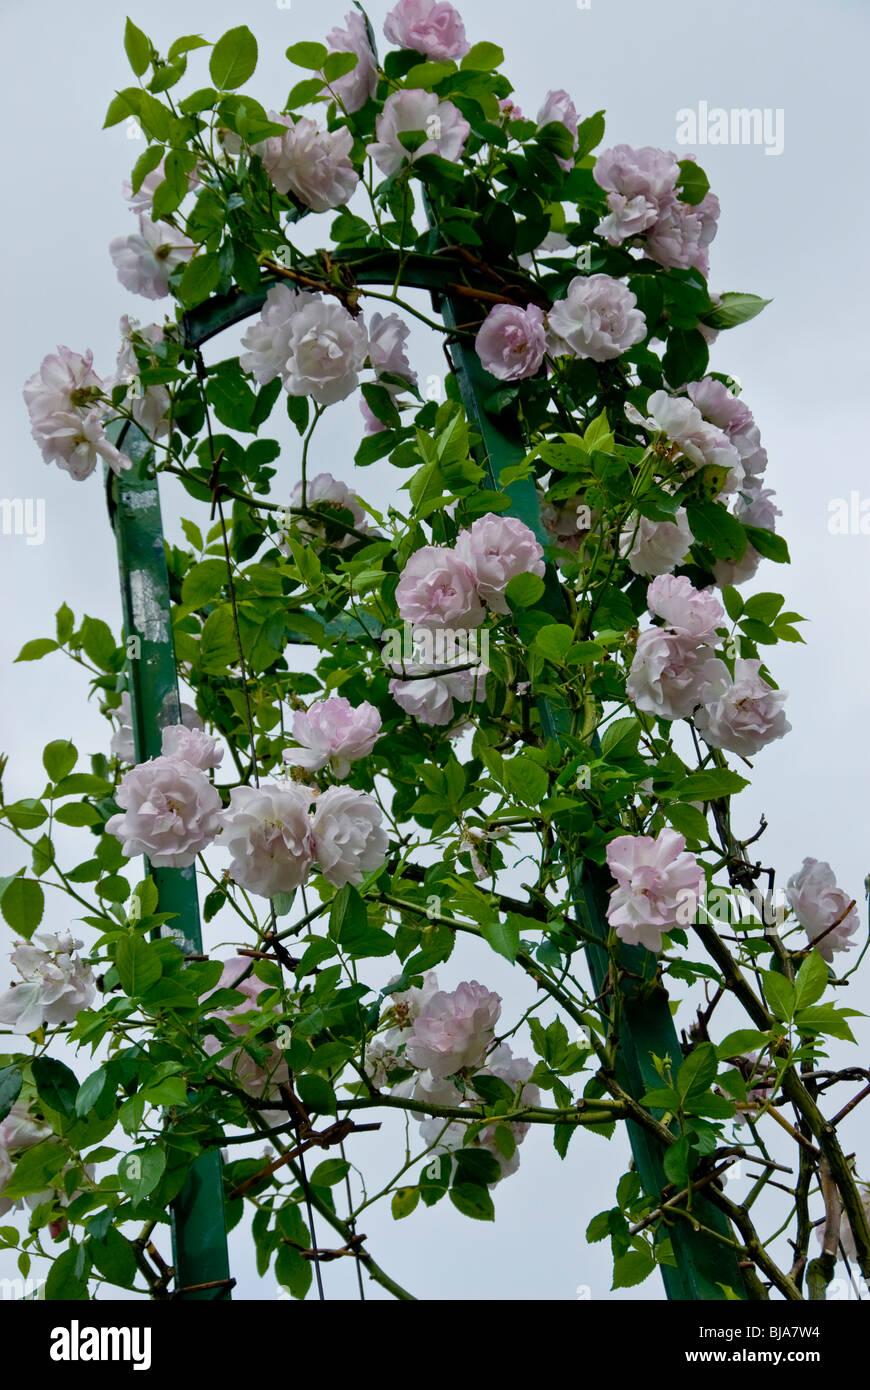 Paris, France, Public Parks, Close up Flowers Bush, 'Bagatelle Gardens' in Boulogne Park - Stock Image